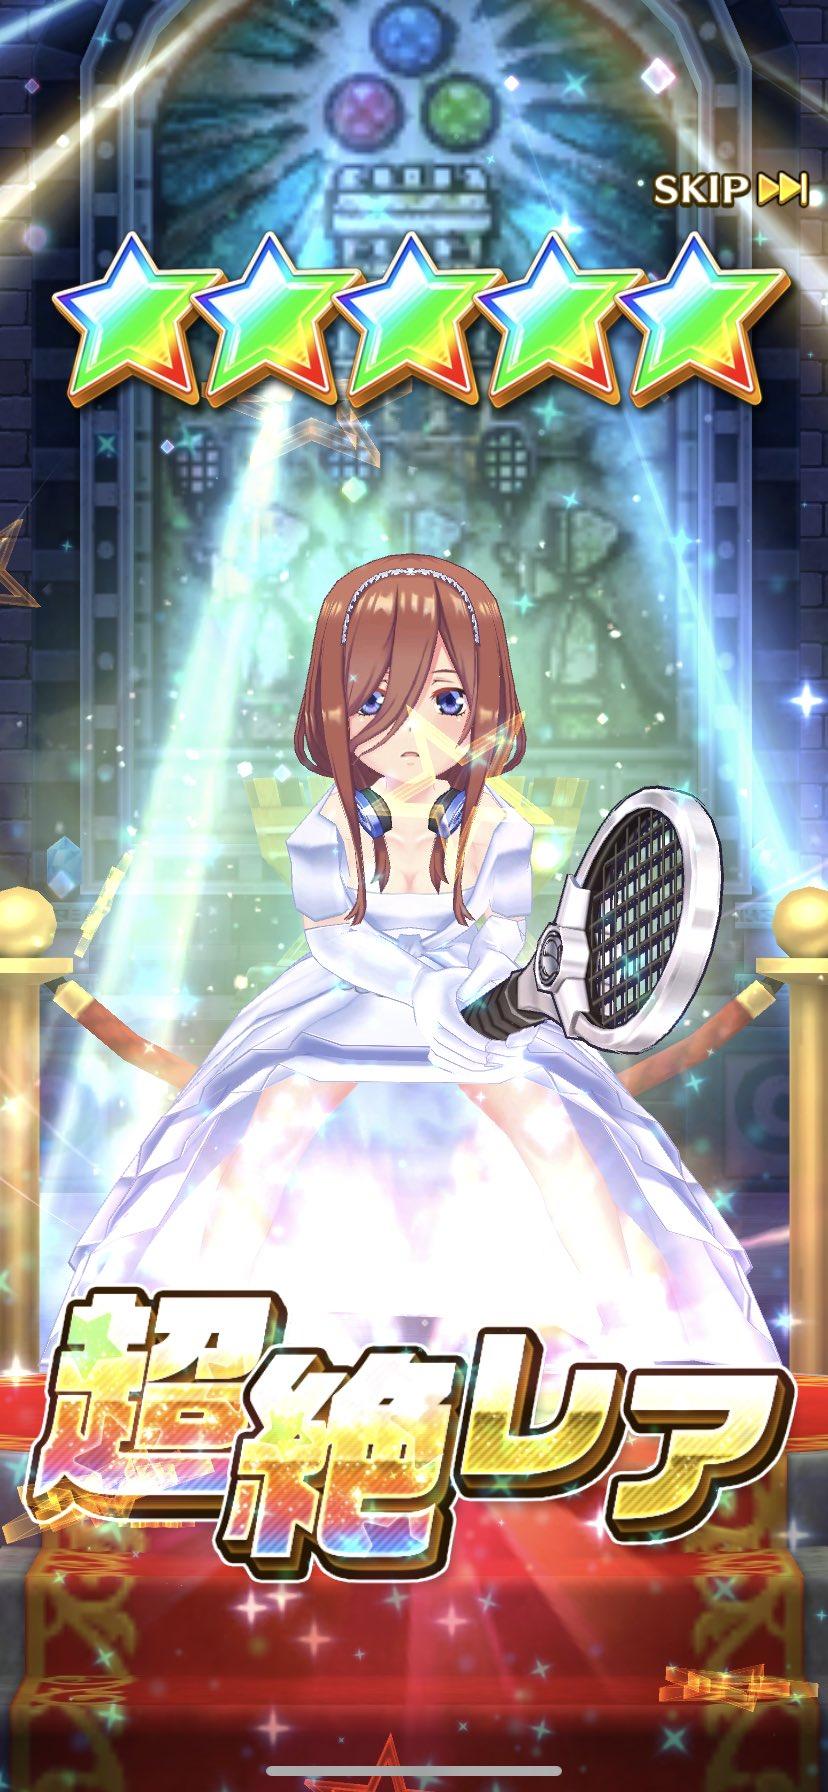 白猫テニス 花嫁三玖